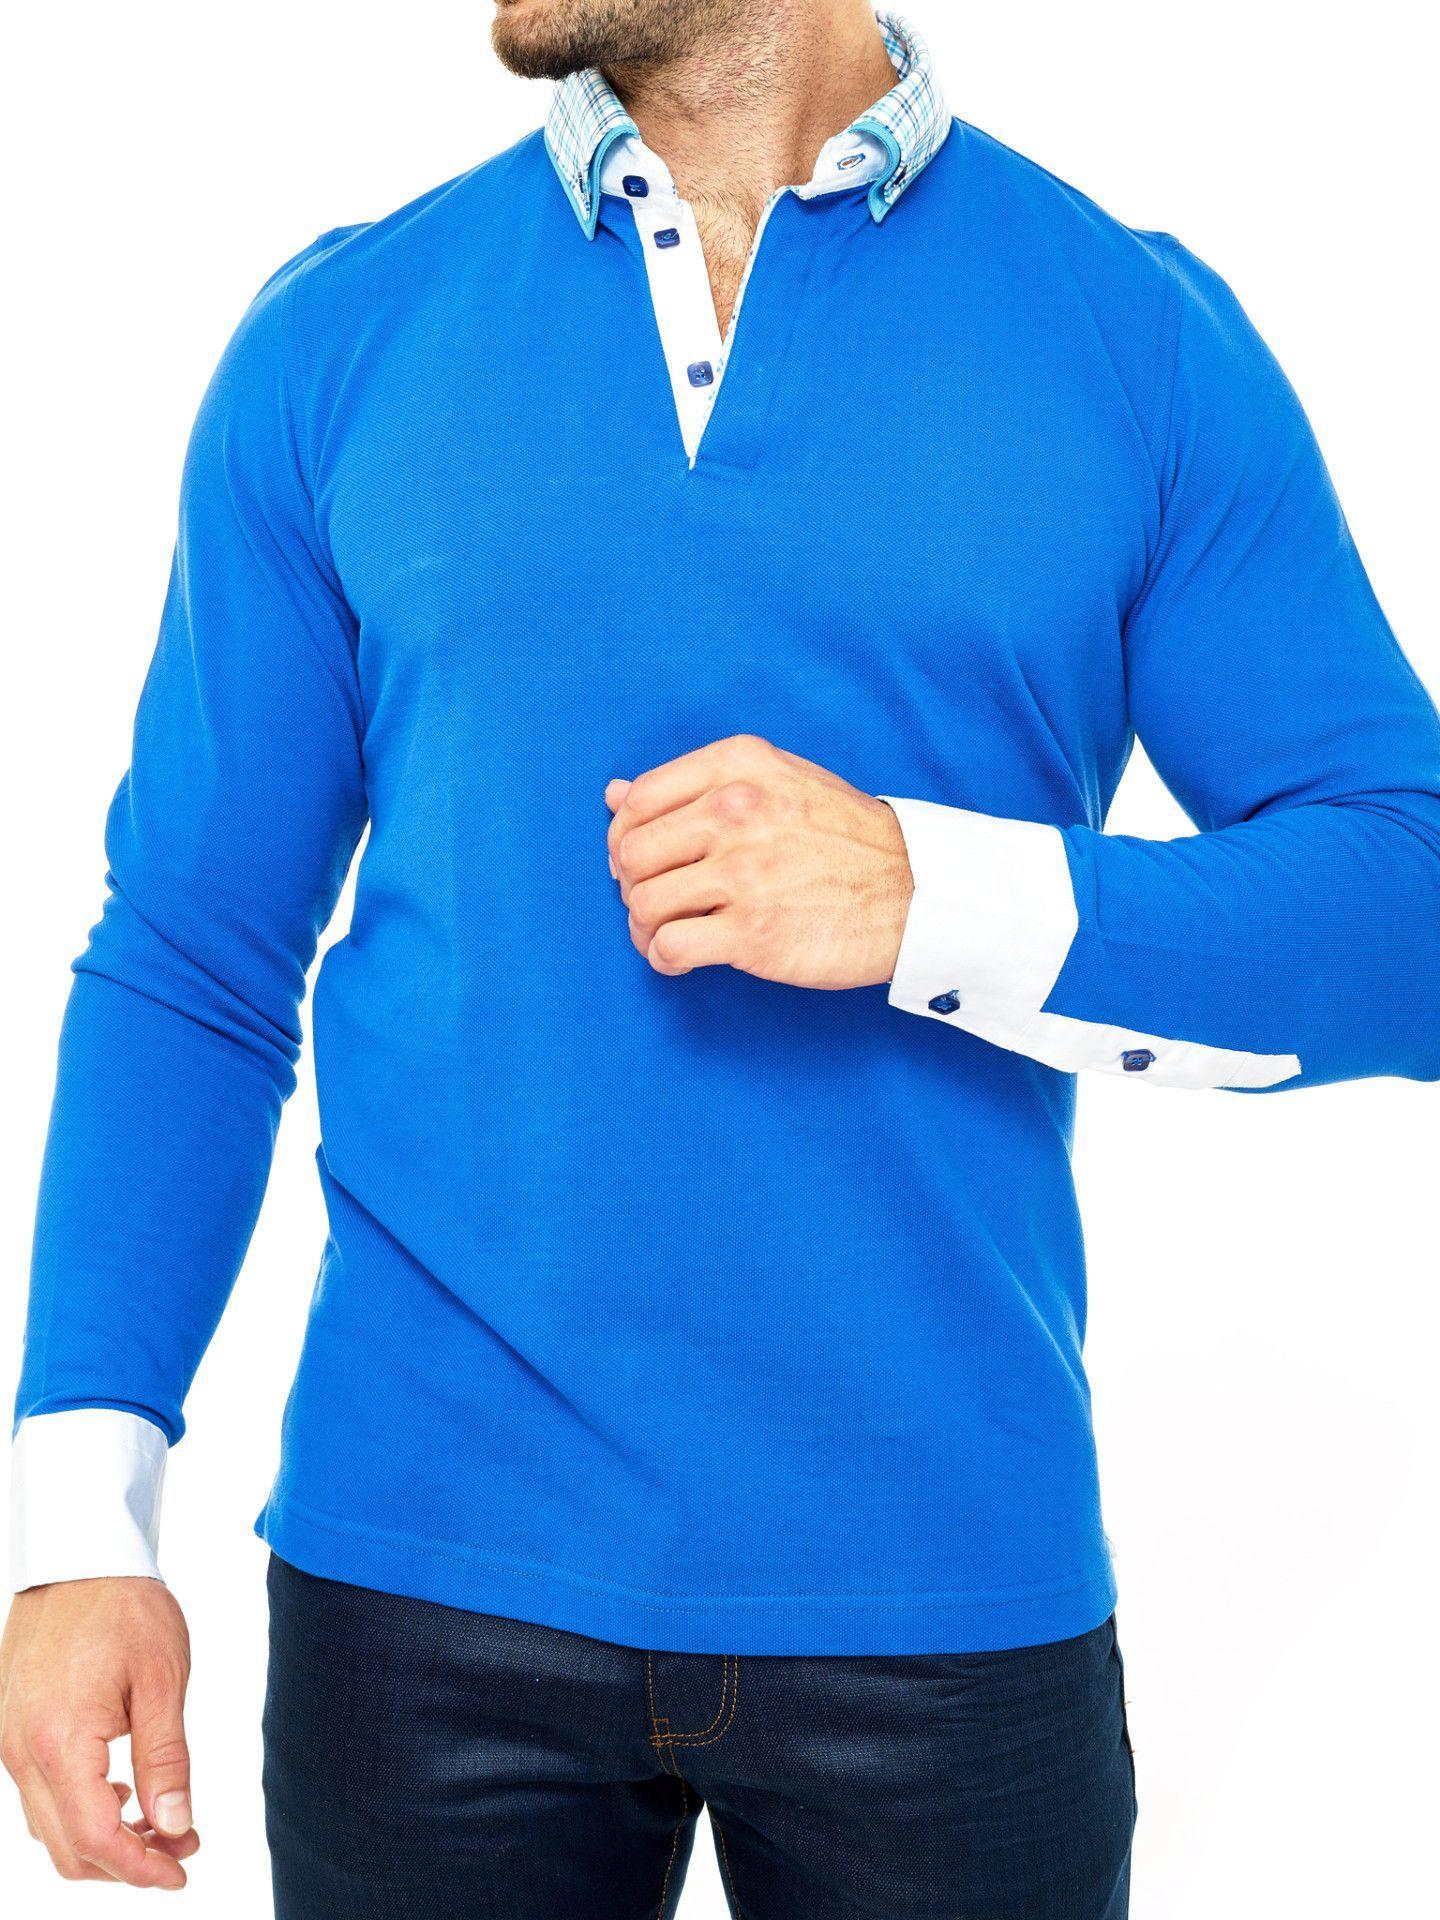 922ef46f4 hot royal bleu polo shirts long sleeve 00c65 9951a